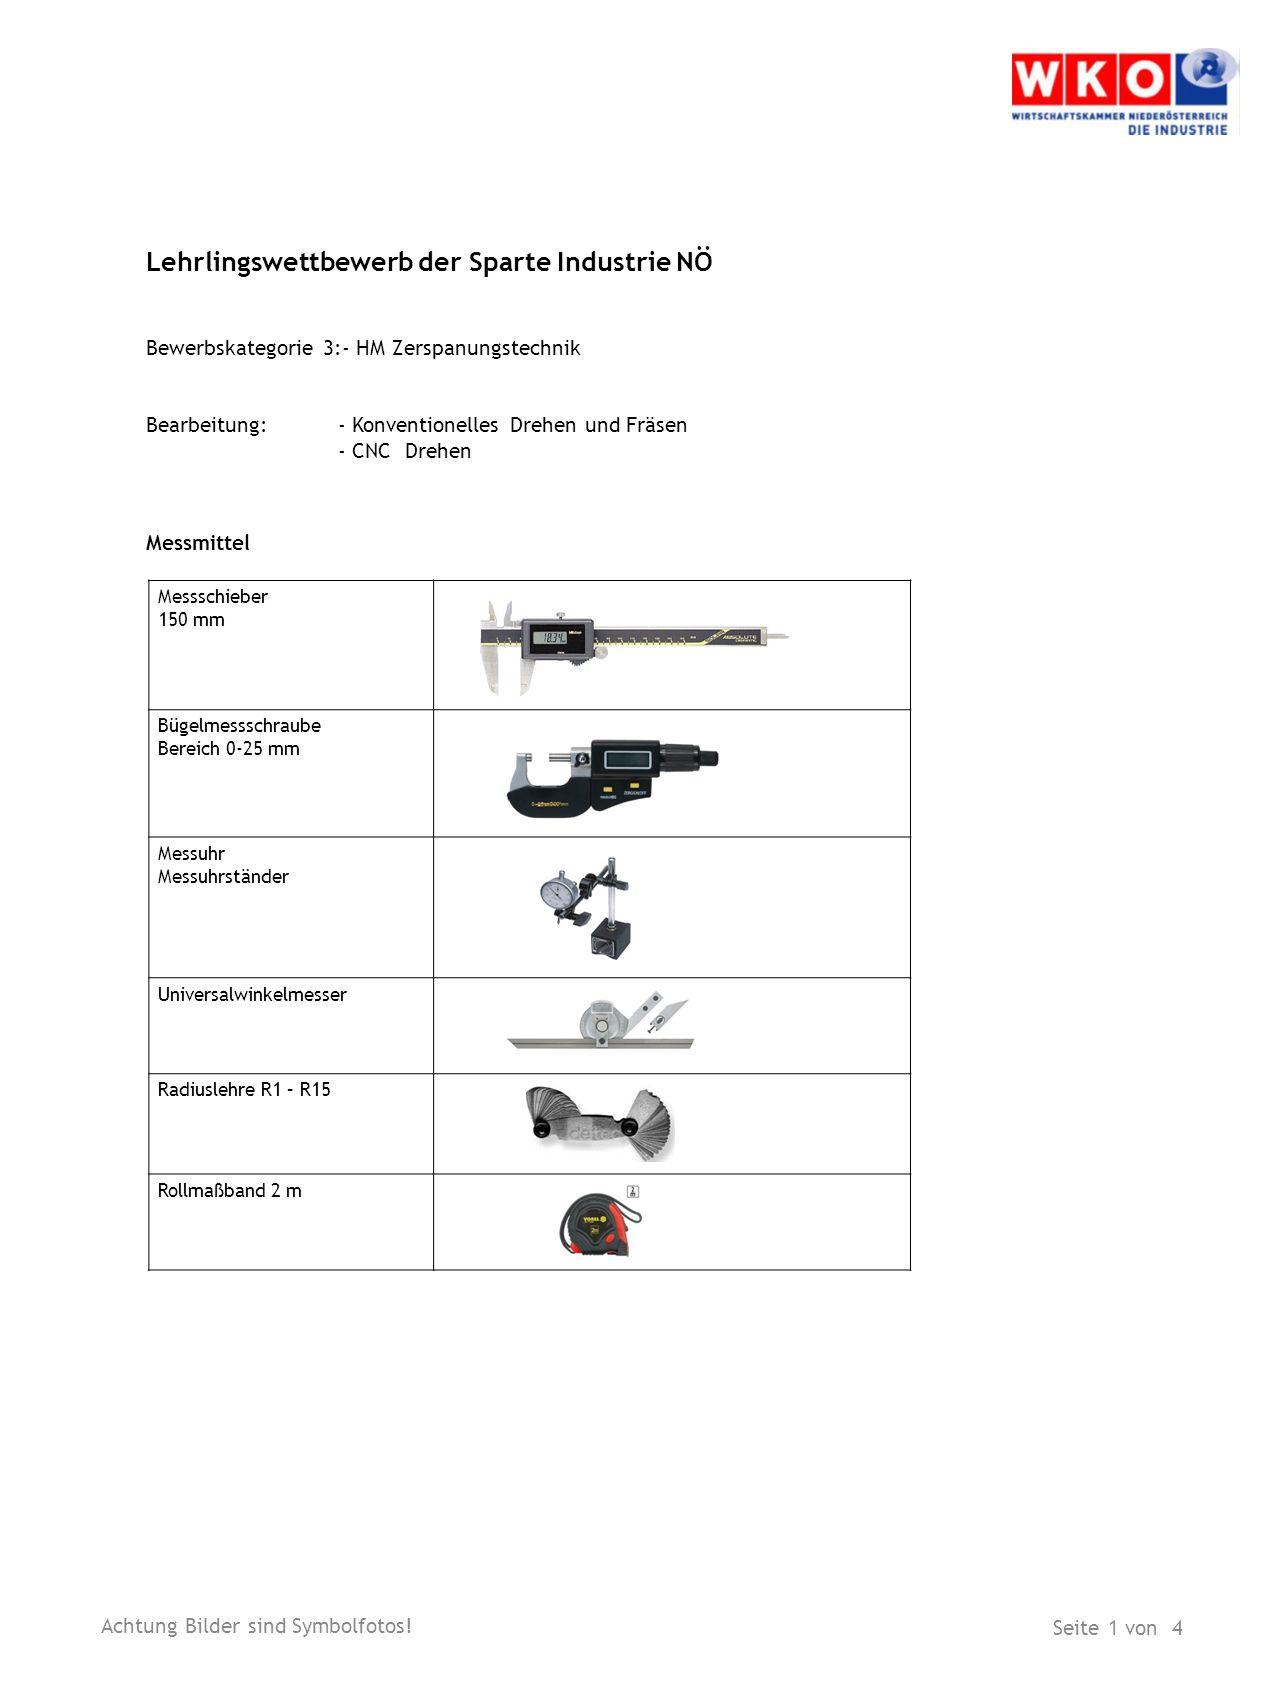 Lehrlingswettbewerb der Sparte Industrie NÖ Bewerbskategorie 3:- HM Zerspanungstechnik Bearbeitung:- Konventionelles Drehen und Fräsen - CNC Drehen Me